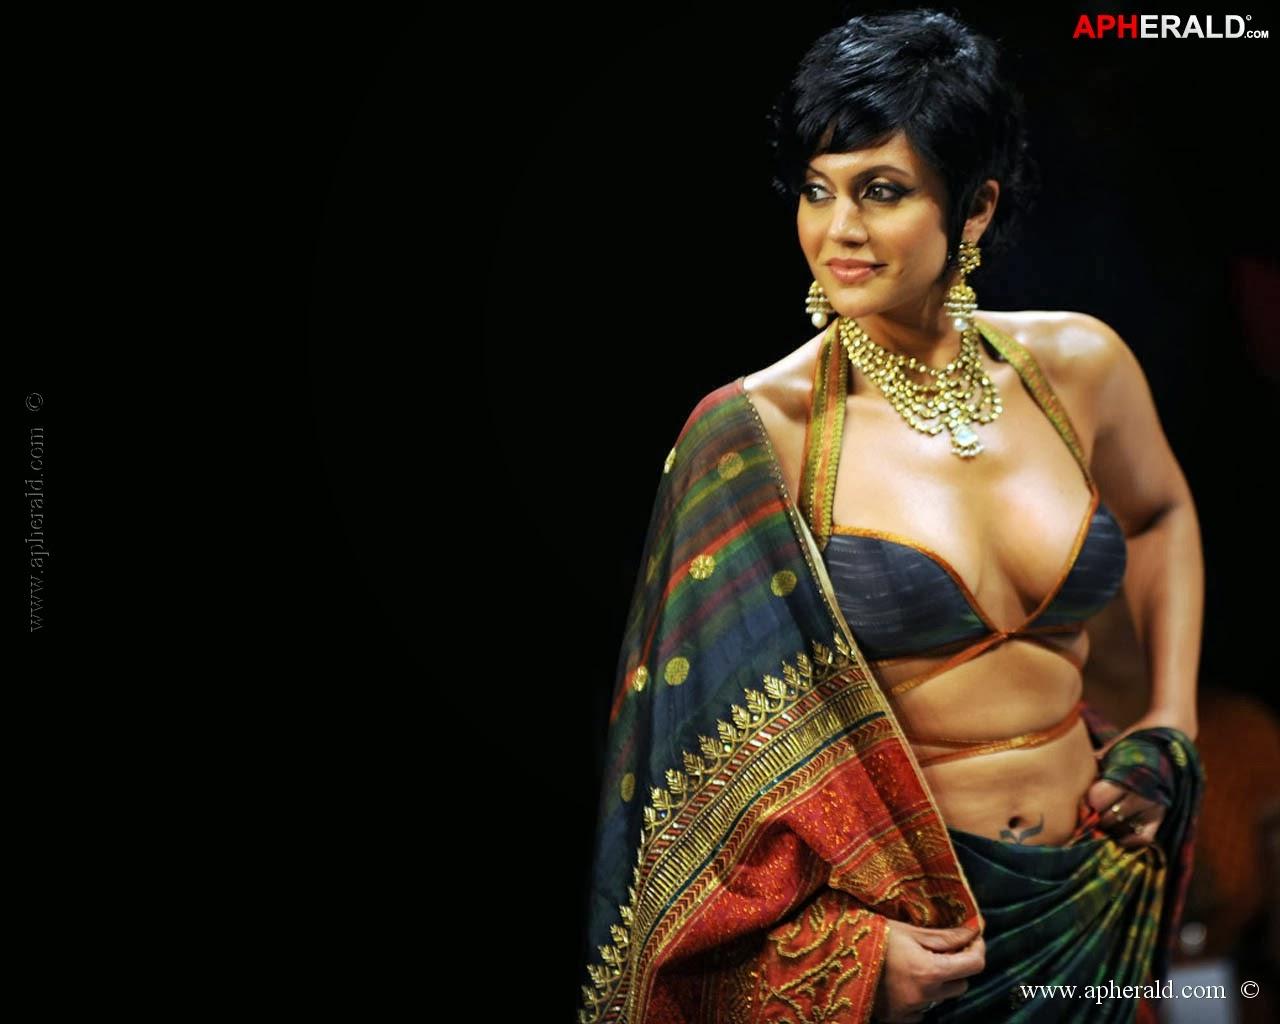 Top 15 Hot TV Actress Mandira Bedi HD Wallpaper IndiBabes